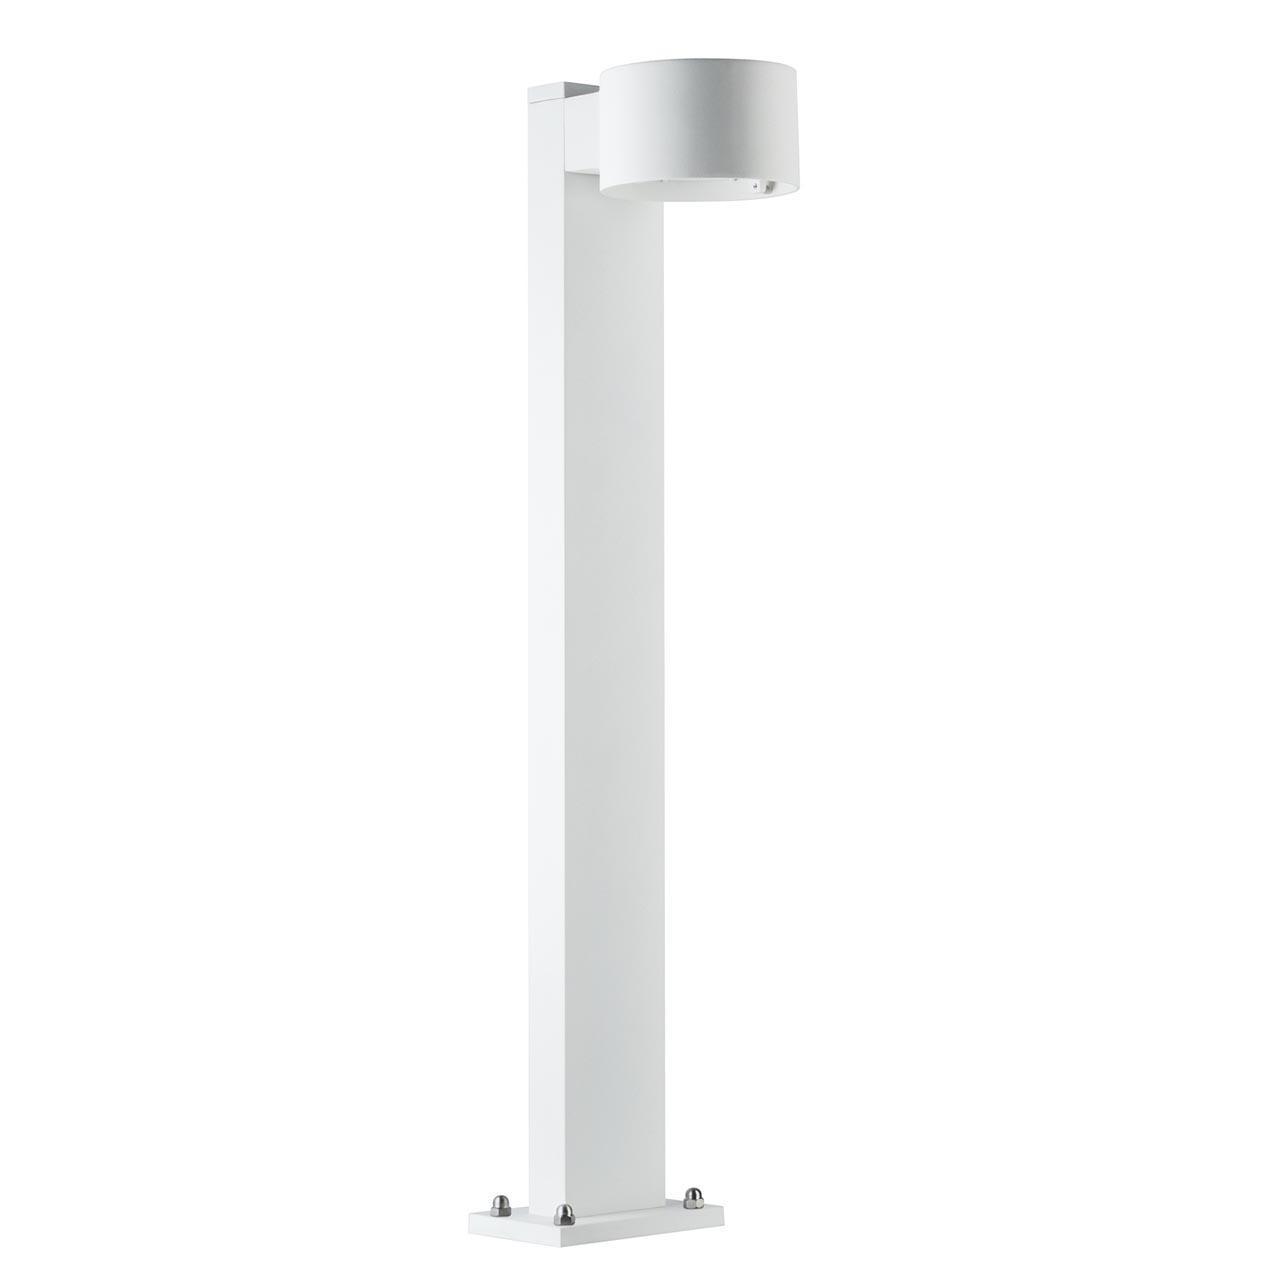 Уличный светодиодный светильник Ambientled белого цвета